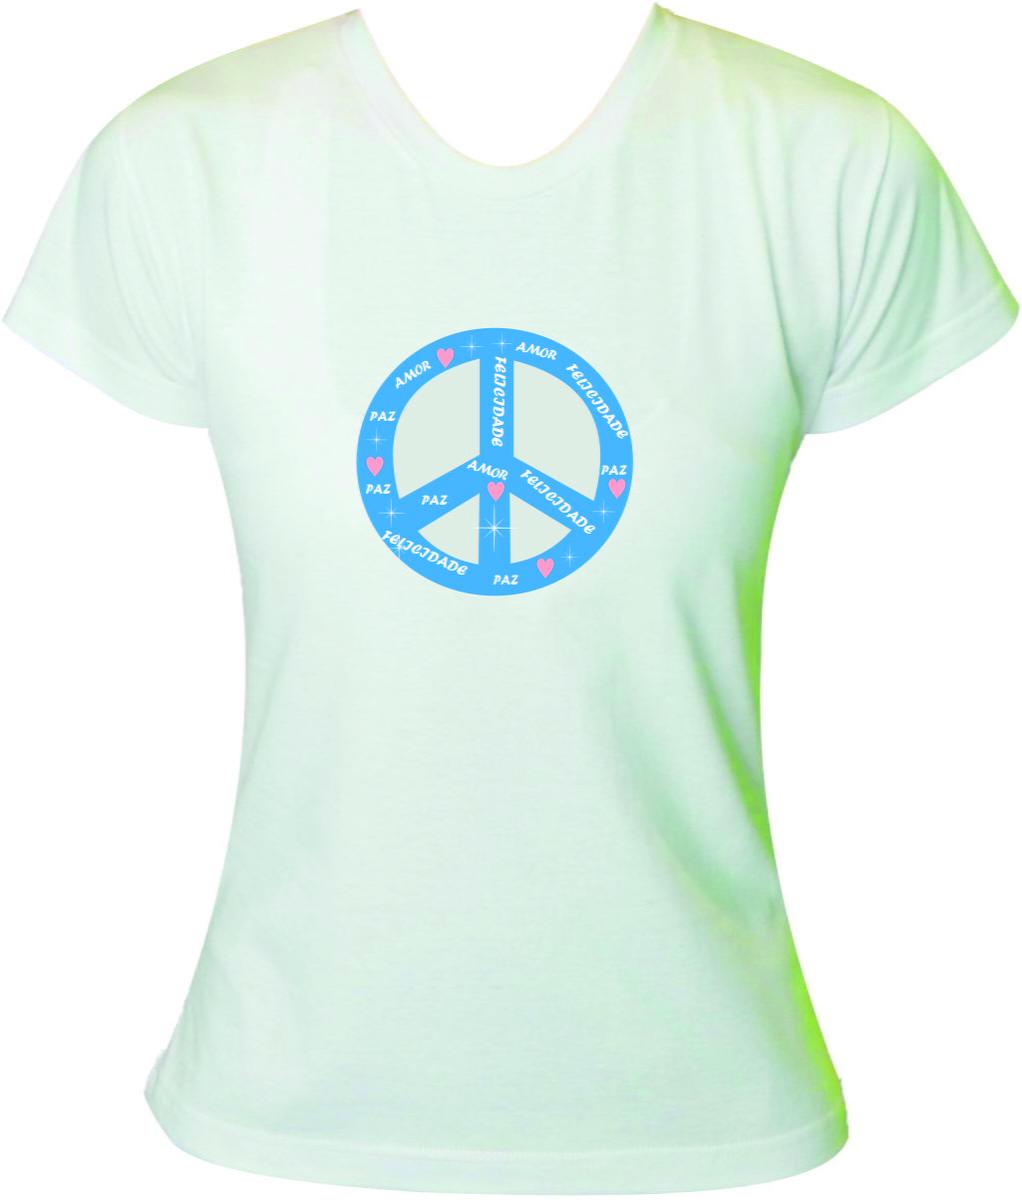 b6f030a92 Camiseta Baby Look feminina no Elo7